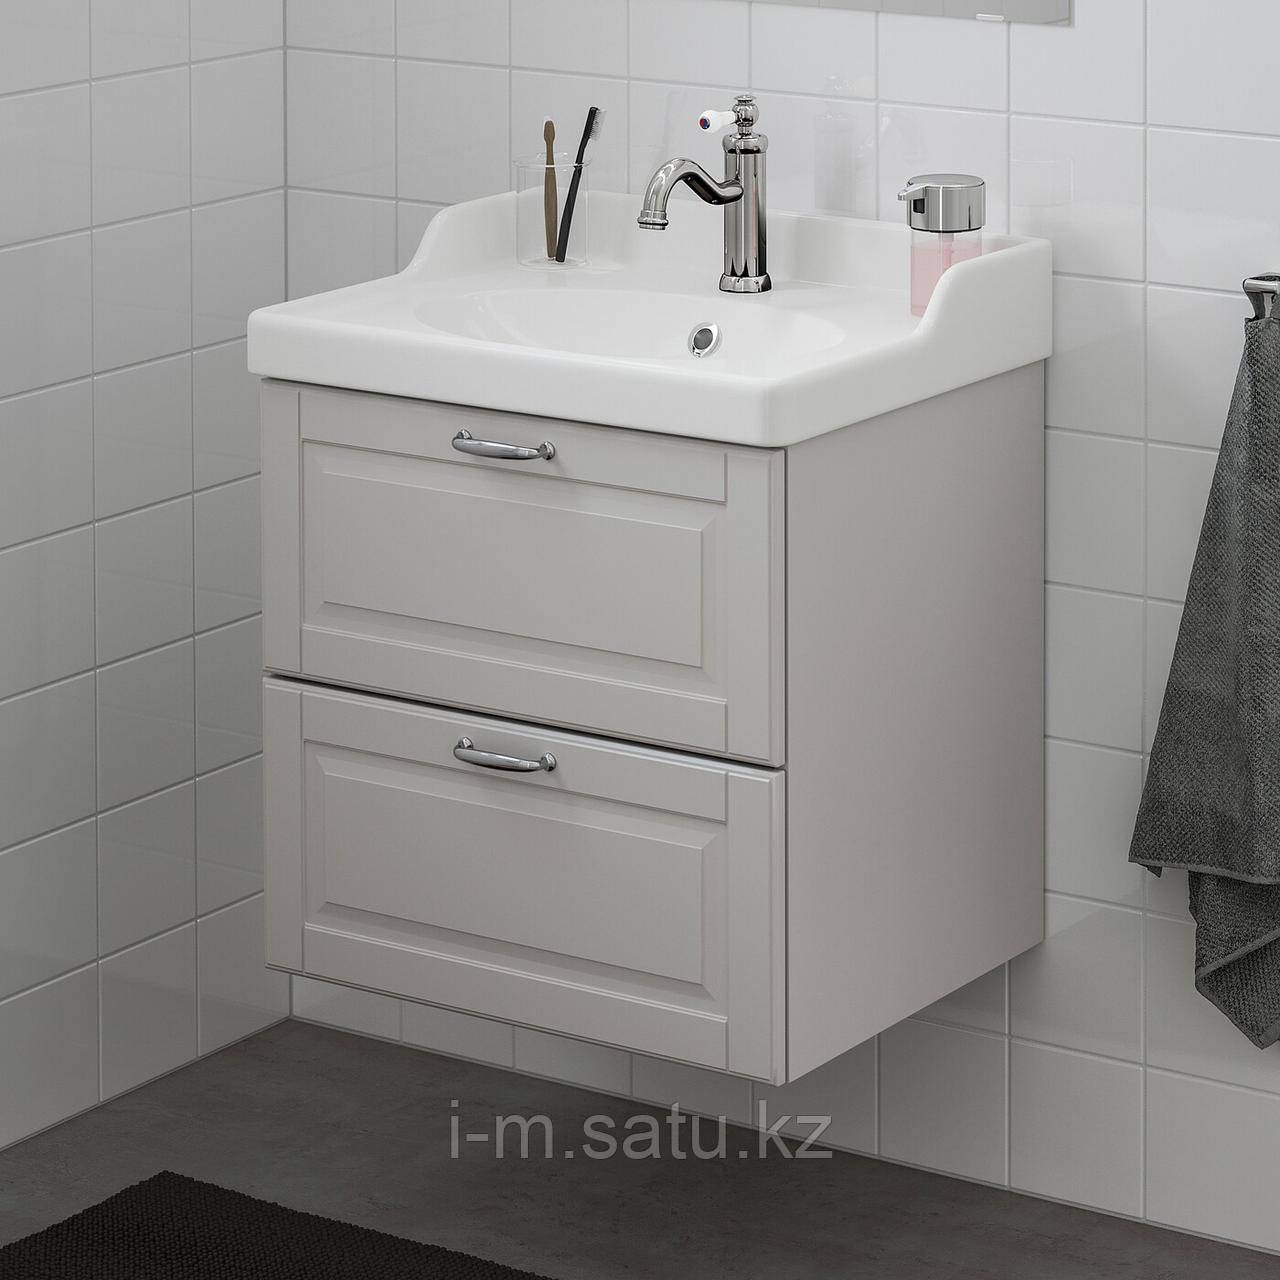 ГОДМОРГОН / РЭТТВИКЕН Шкаф для раковины с 2 ящ, Кашён светло-серый, ХАМНШЕР смеситель, 62x49x68 см